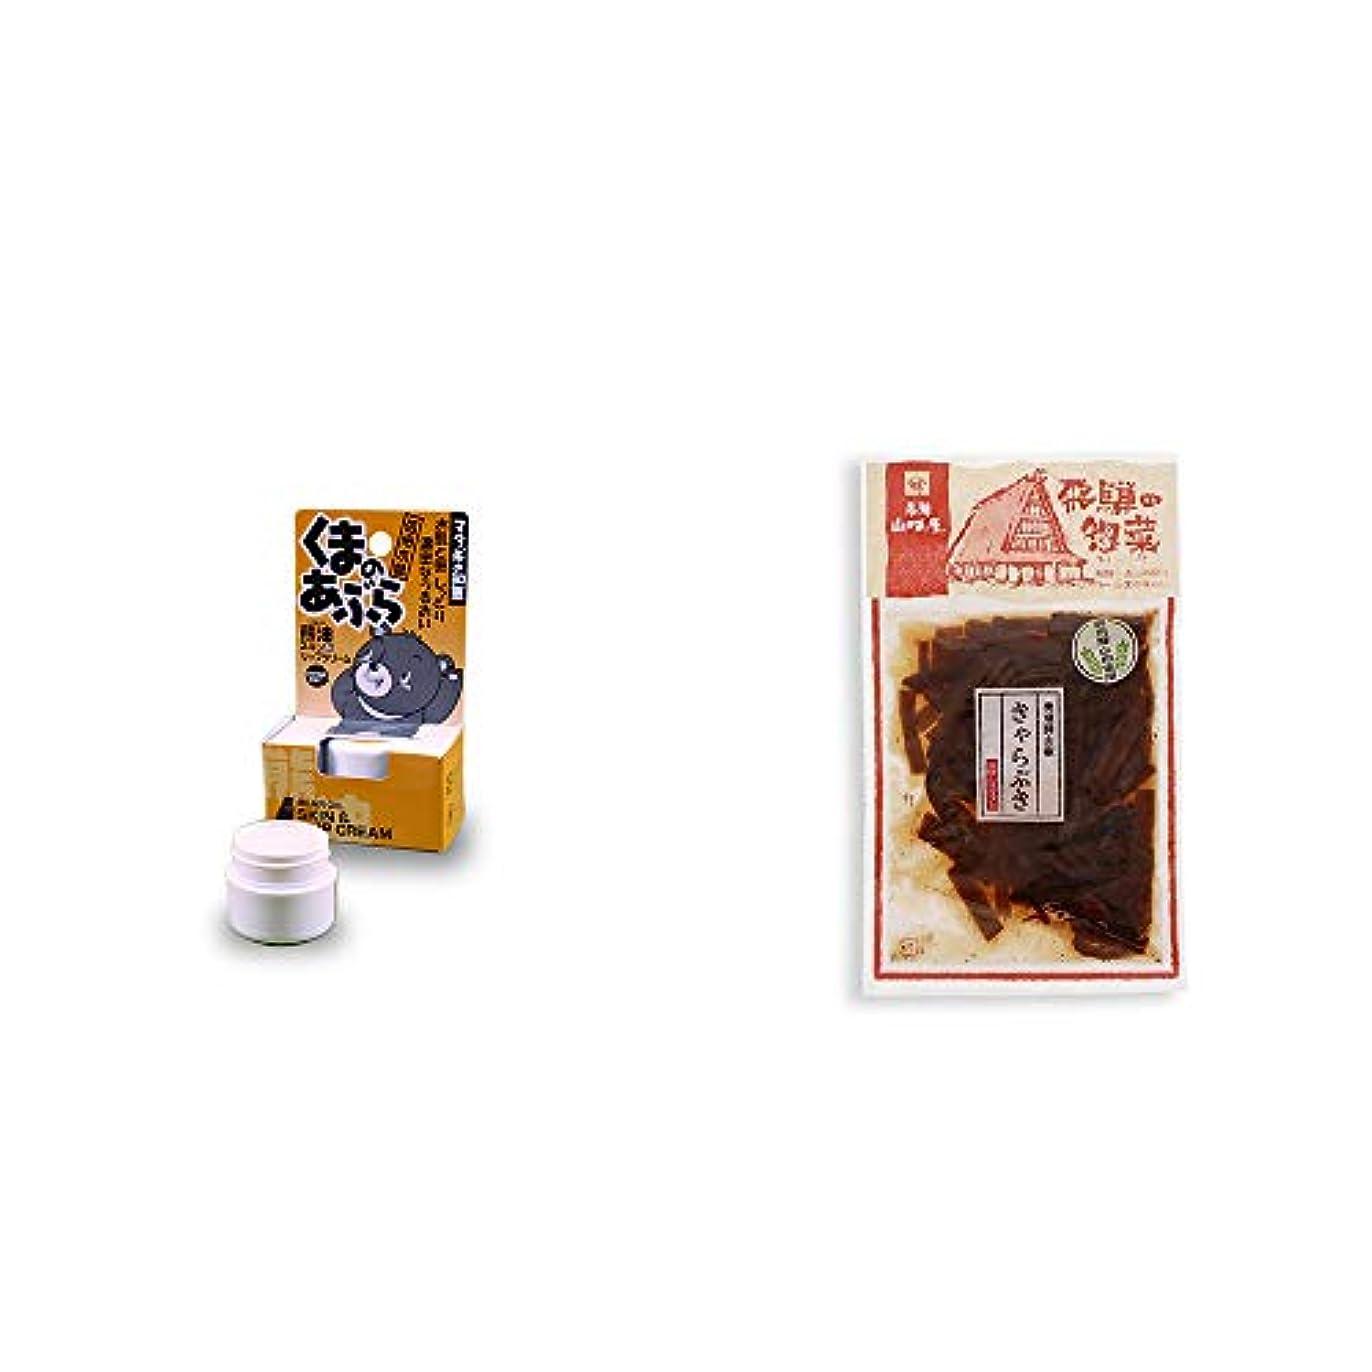 一般化するビート退化する[2点セット] 信州木曽 くまのあぶら 熊油スキン&リップクリーム(9g)?飛騨山味屋 奥飛騨山椒きゃらぶき(120g)